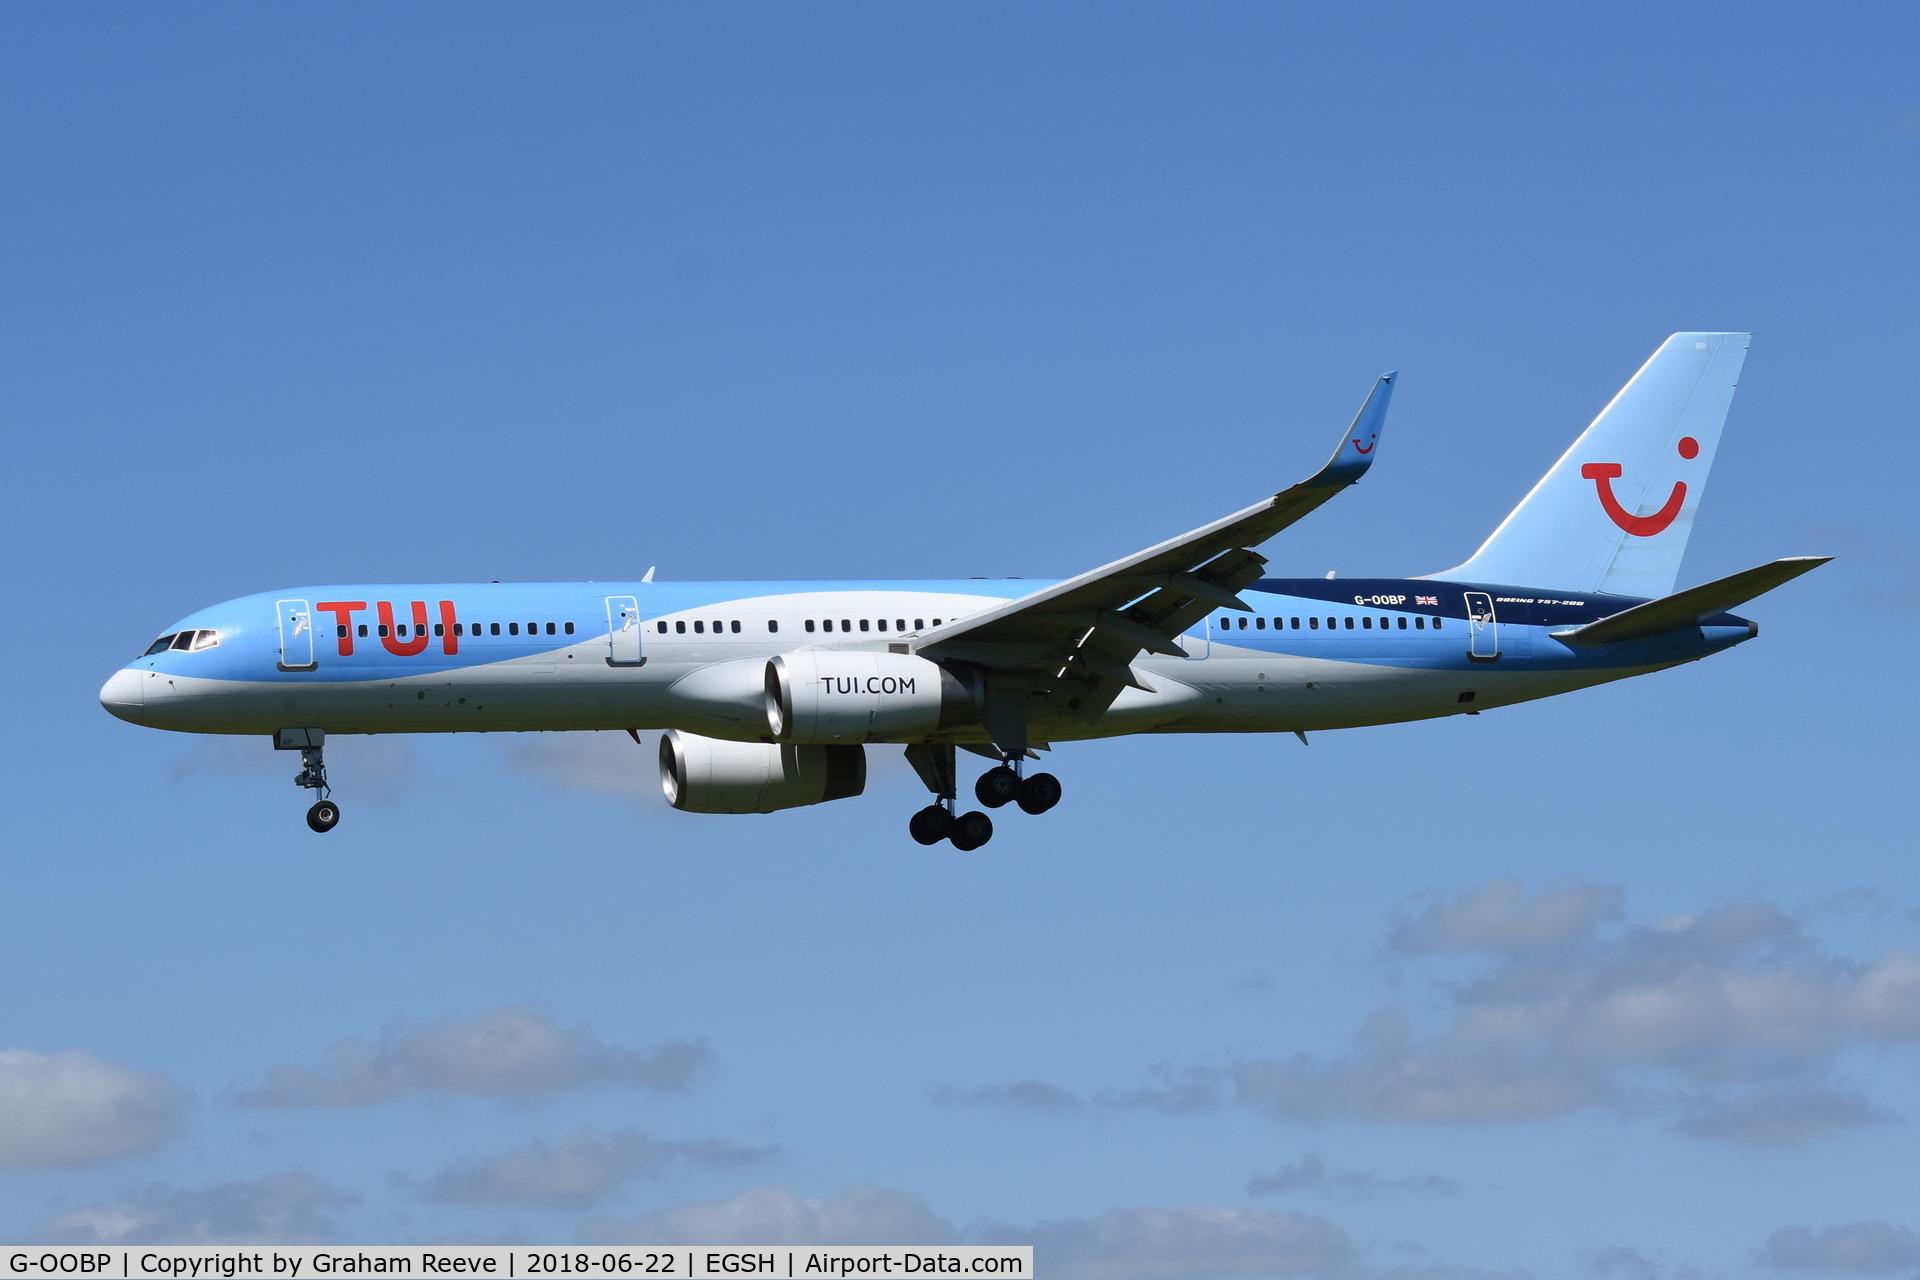 G-OOBP, 2000 Boeing 757-2G5 C/N 30394, Landing at Norwich in TUI titles.